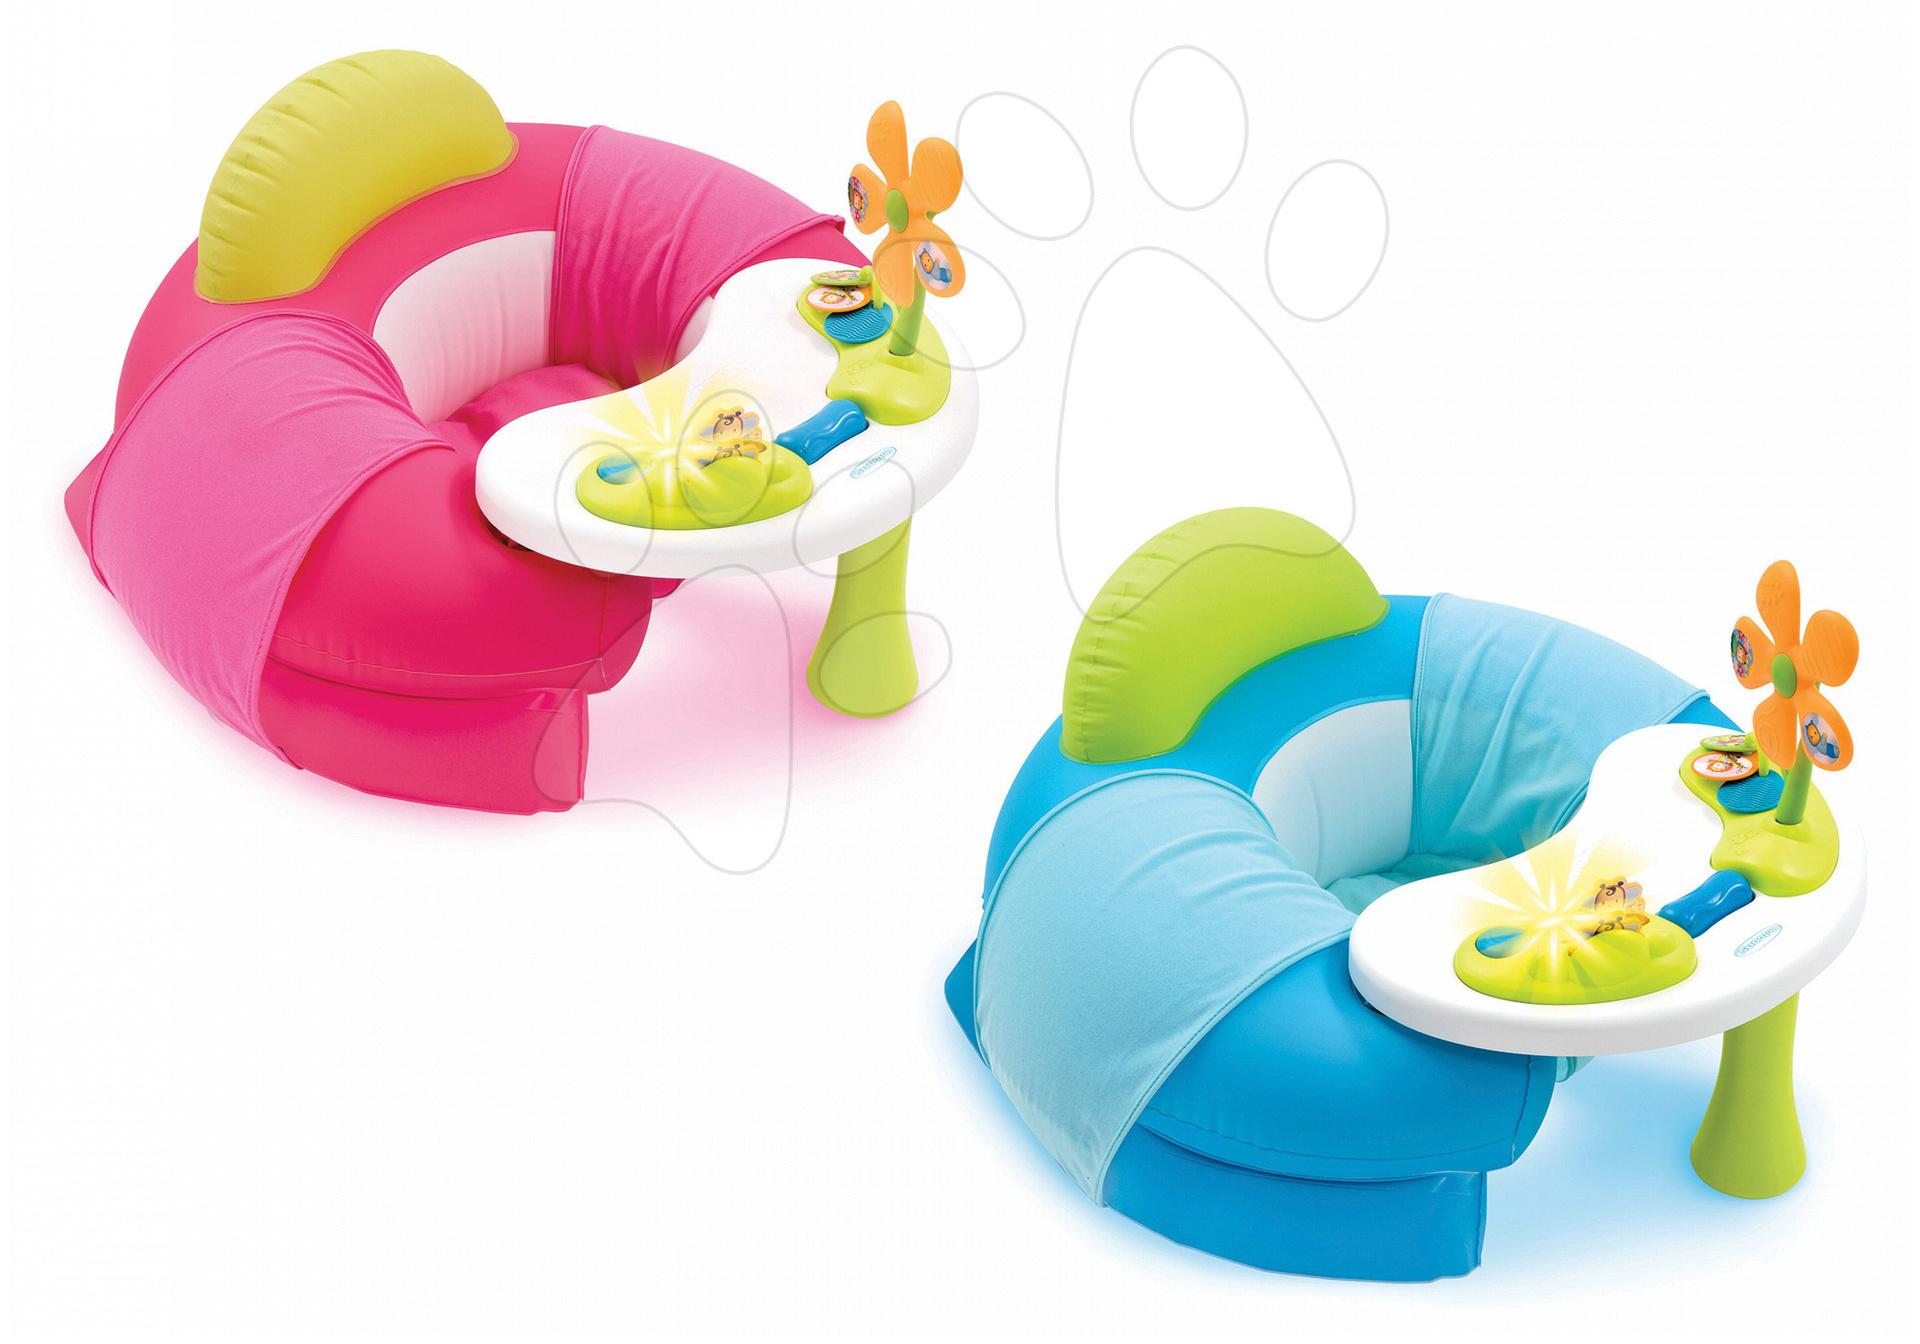 Nafukovacie kreslo Cotoons Cosy Seat Smoby s didaktickým stolom modré/ružové od 6 mes